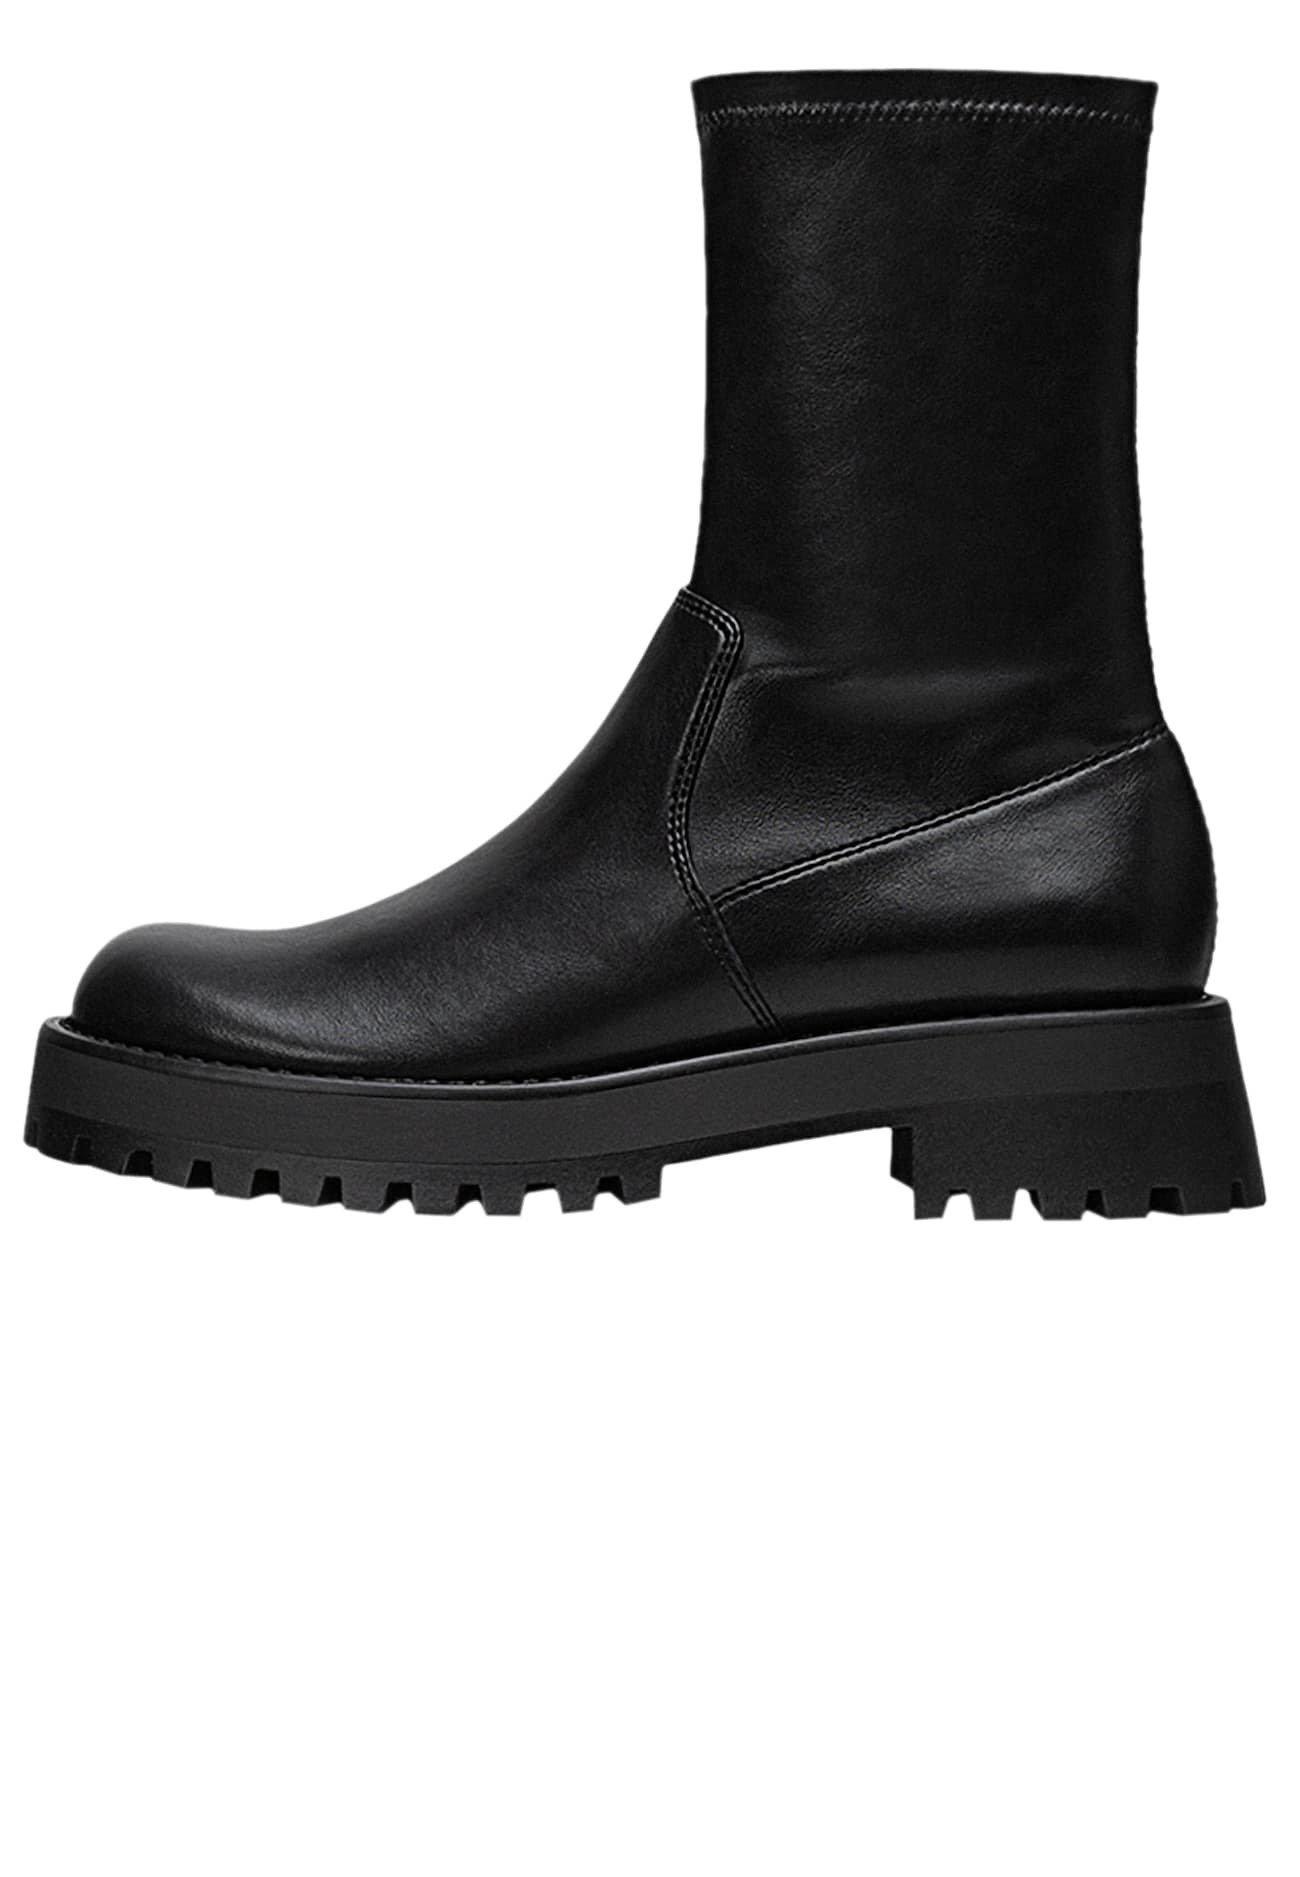 Coolway Boots online på Zalando – Köp skor för dam & herr på